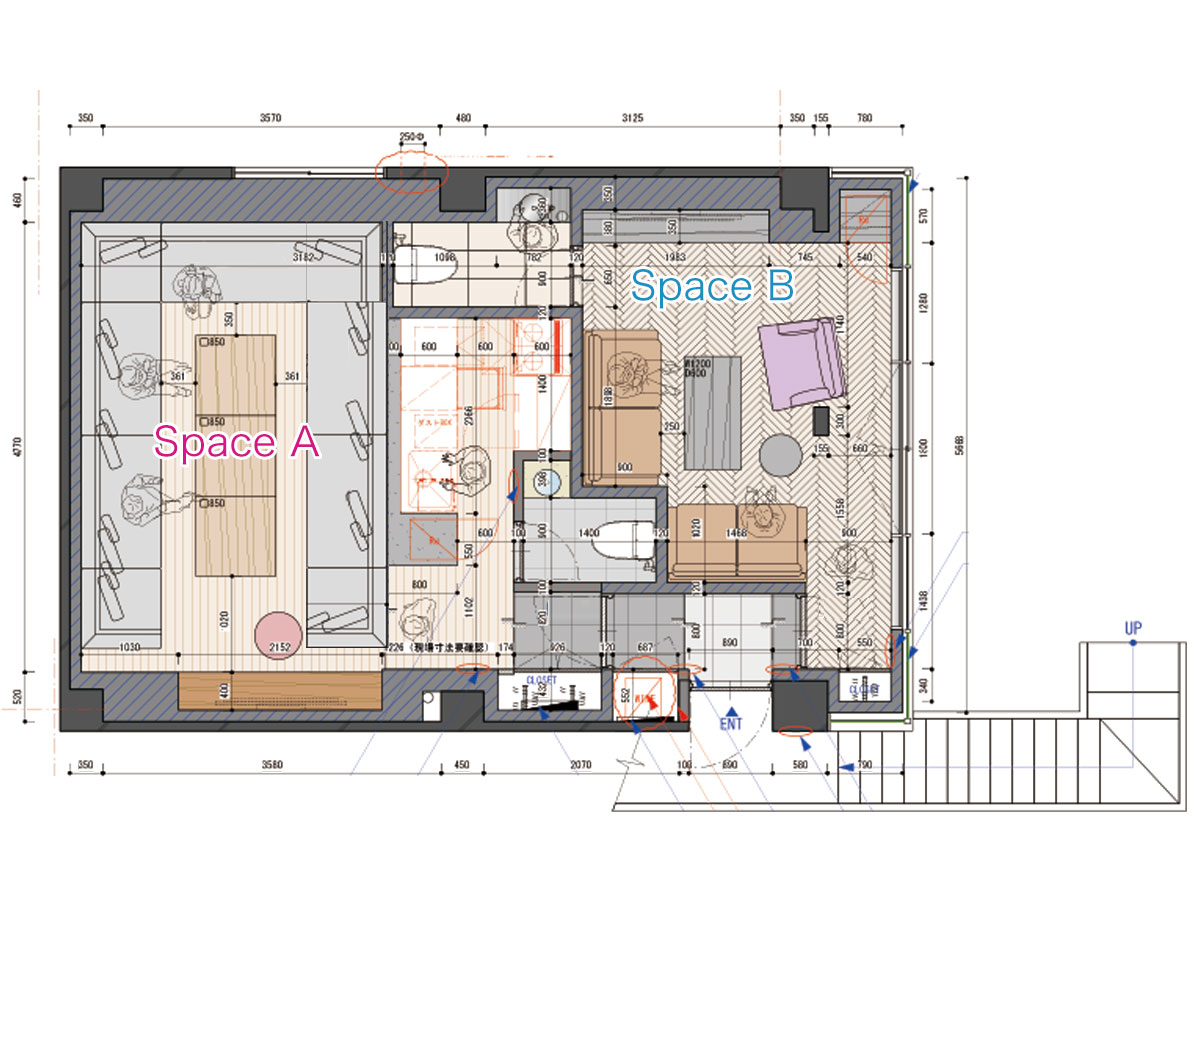 Lounge-R スペースB (ID:10002) 図面